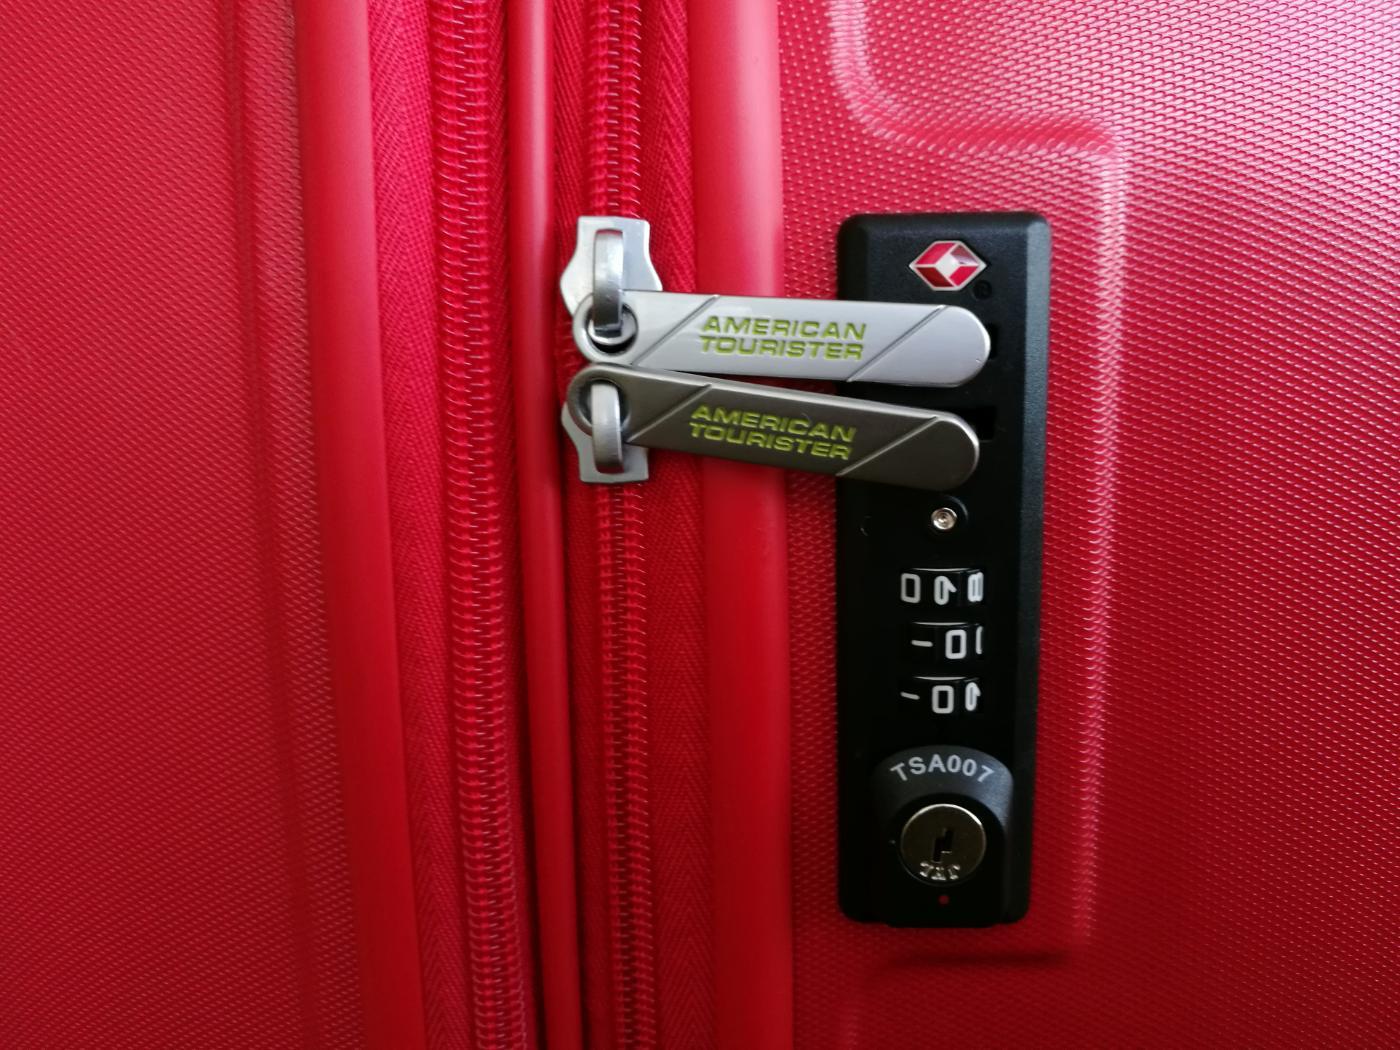 アメリカン・エクスプレスのスーツケース「エアフォースワン」TSAロック